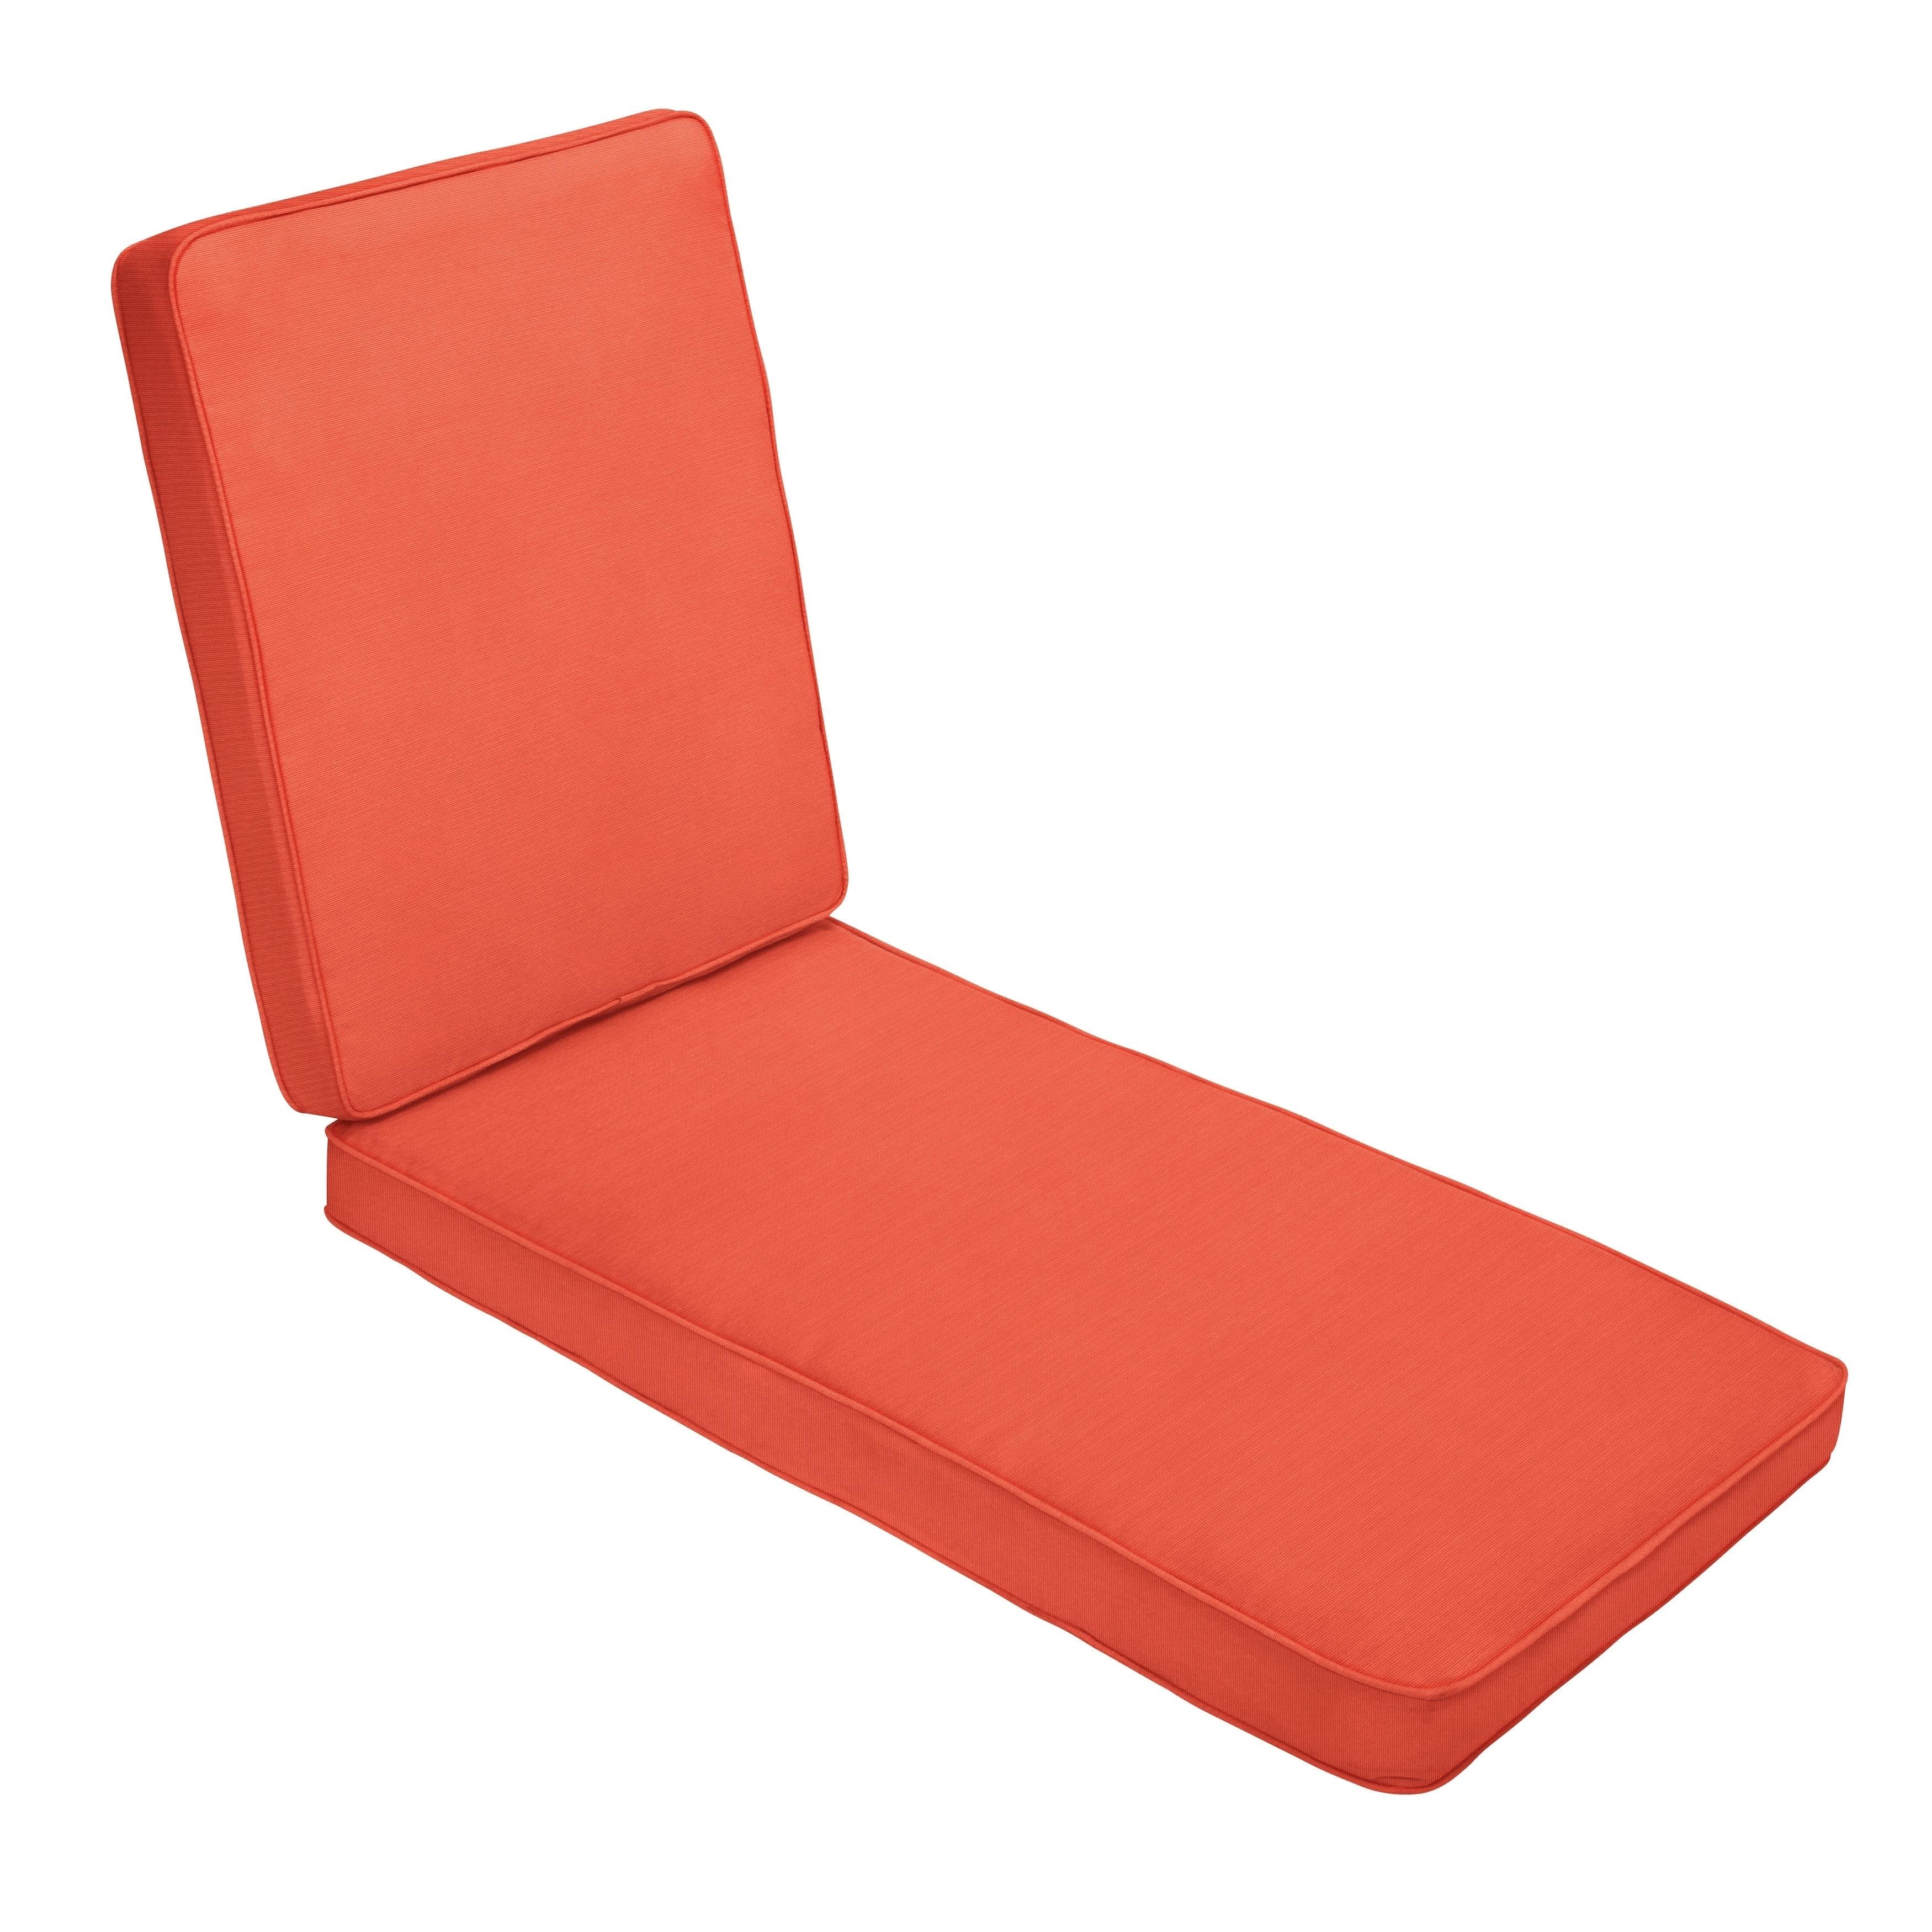 Sunbrella Melon Orange Indoor/ Outdoor Hinged Cushion